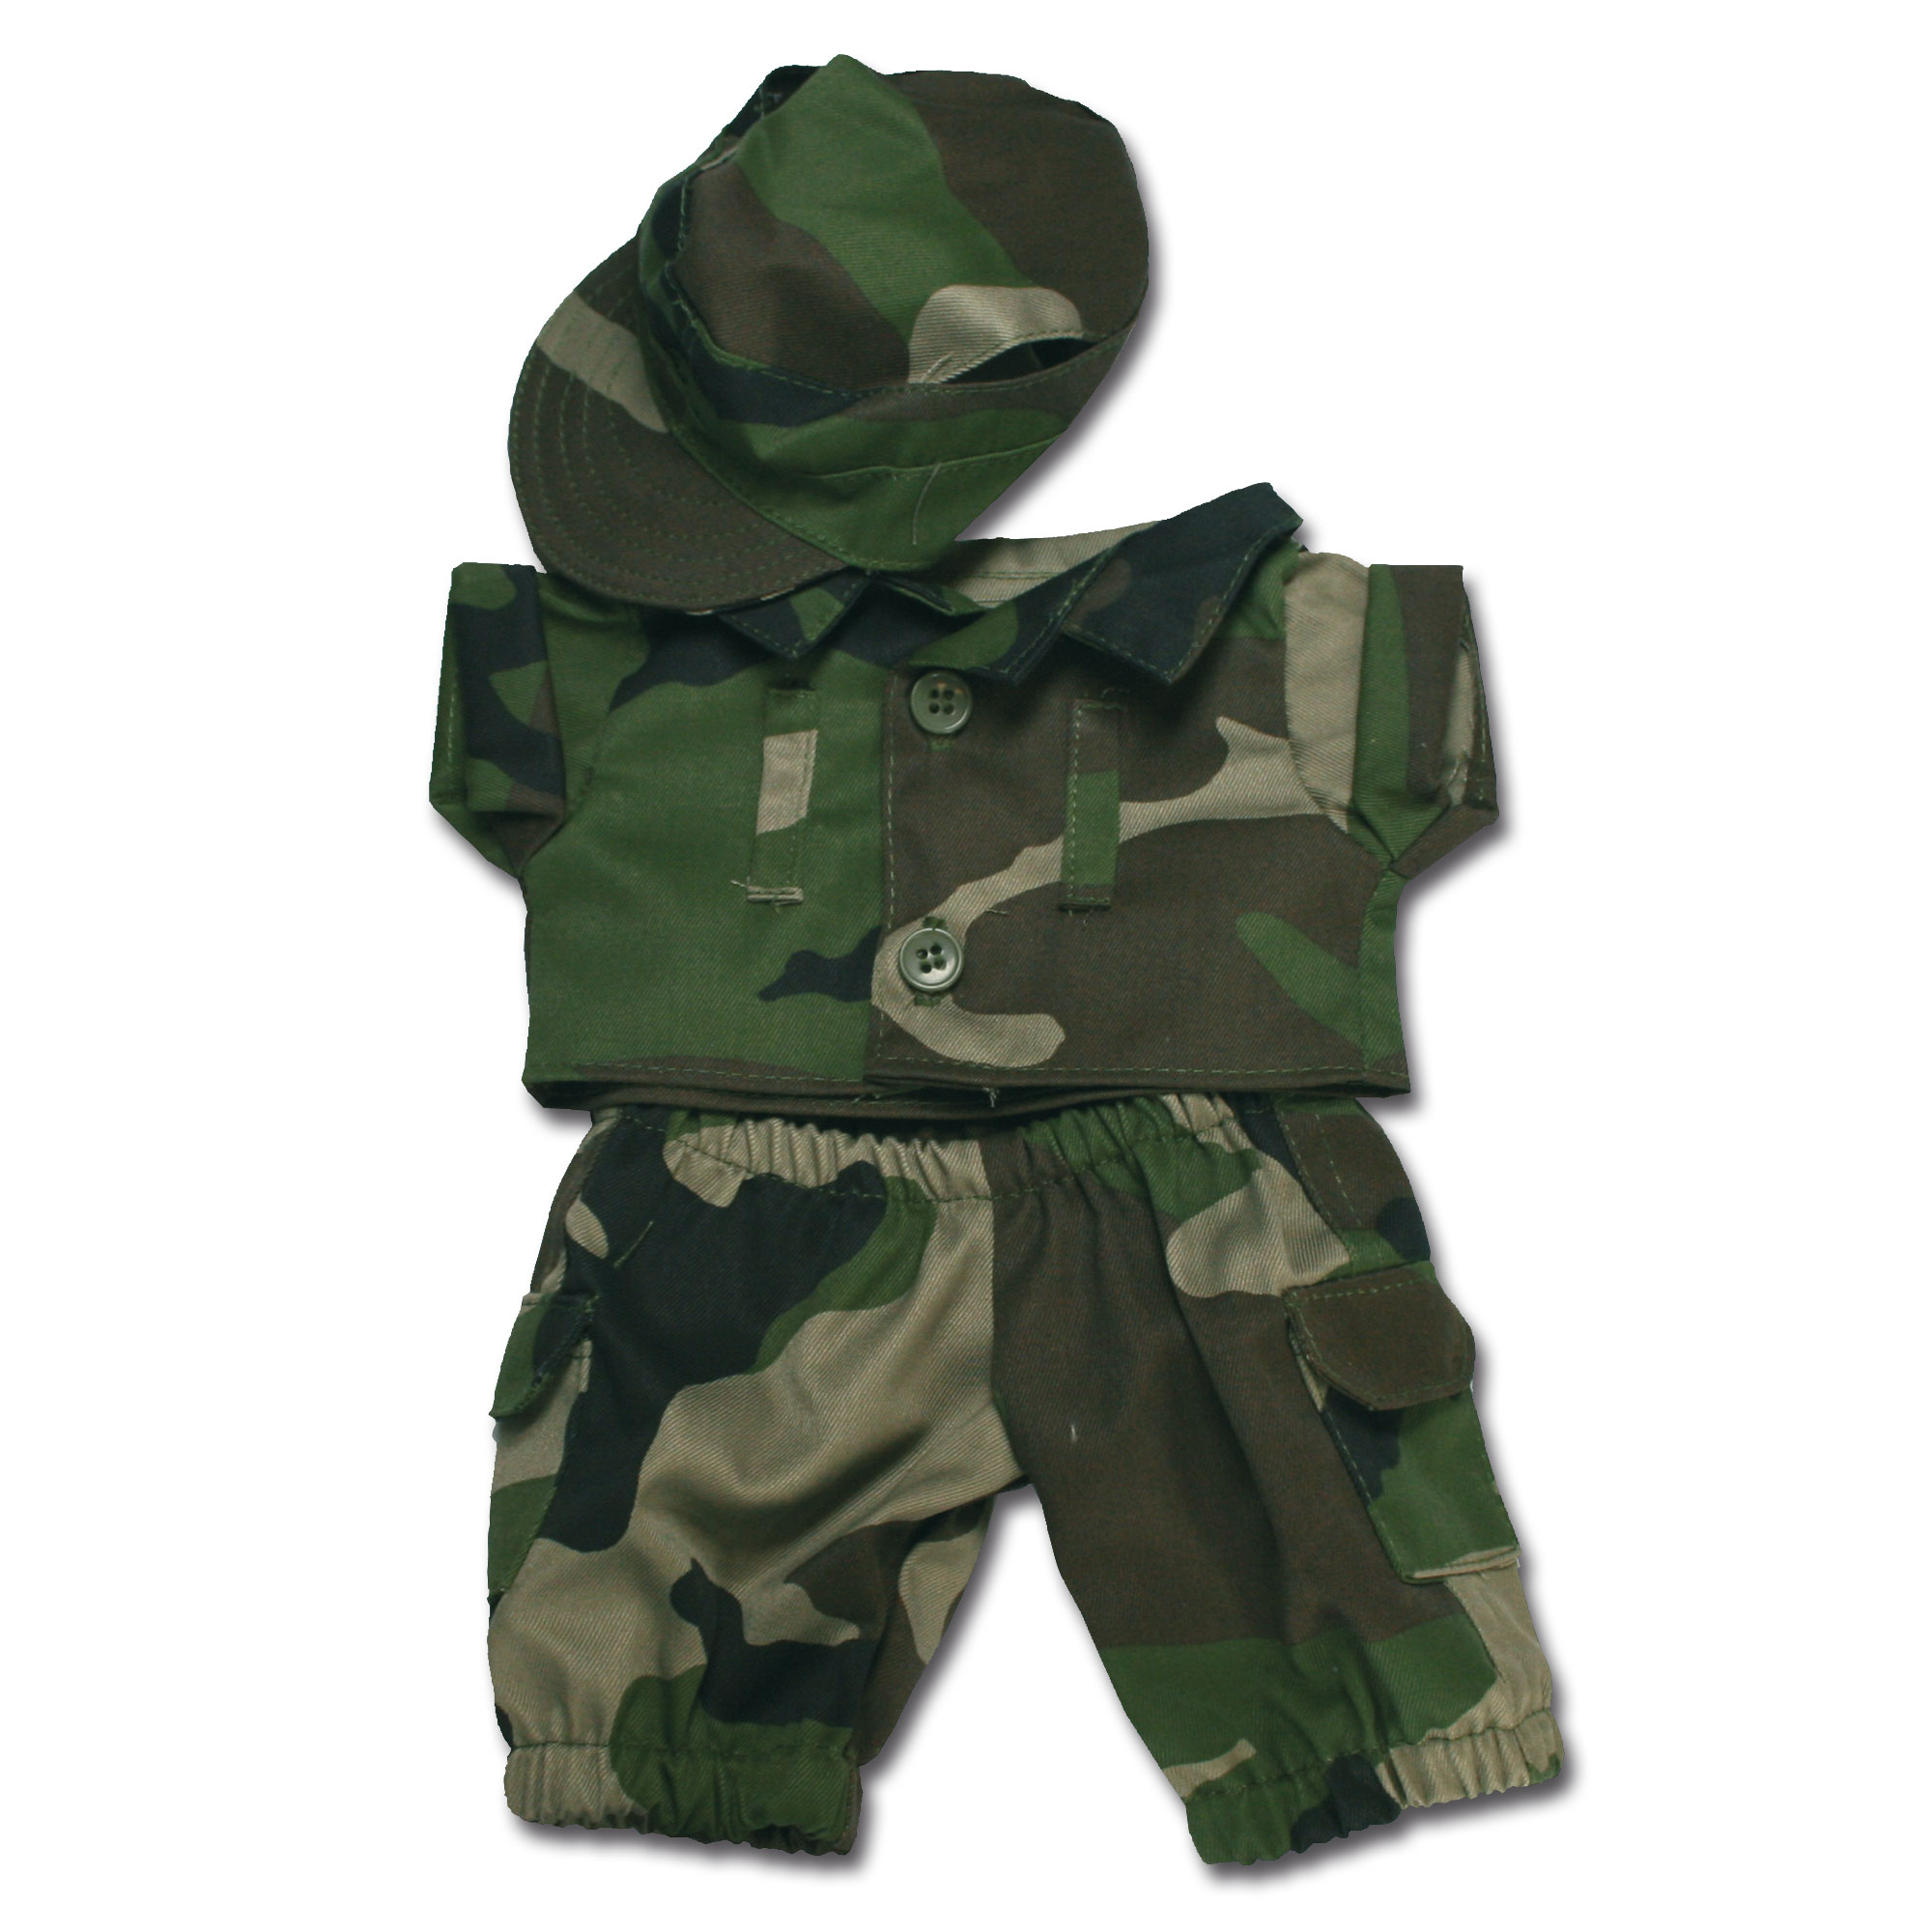 Completino militare mimetico, CCE, peluche Teddy, piccolo